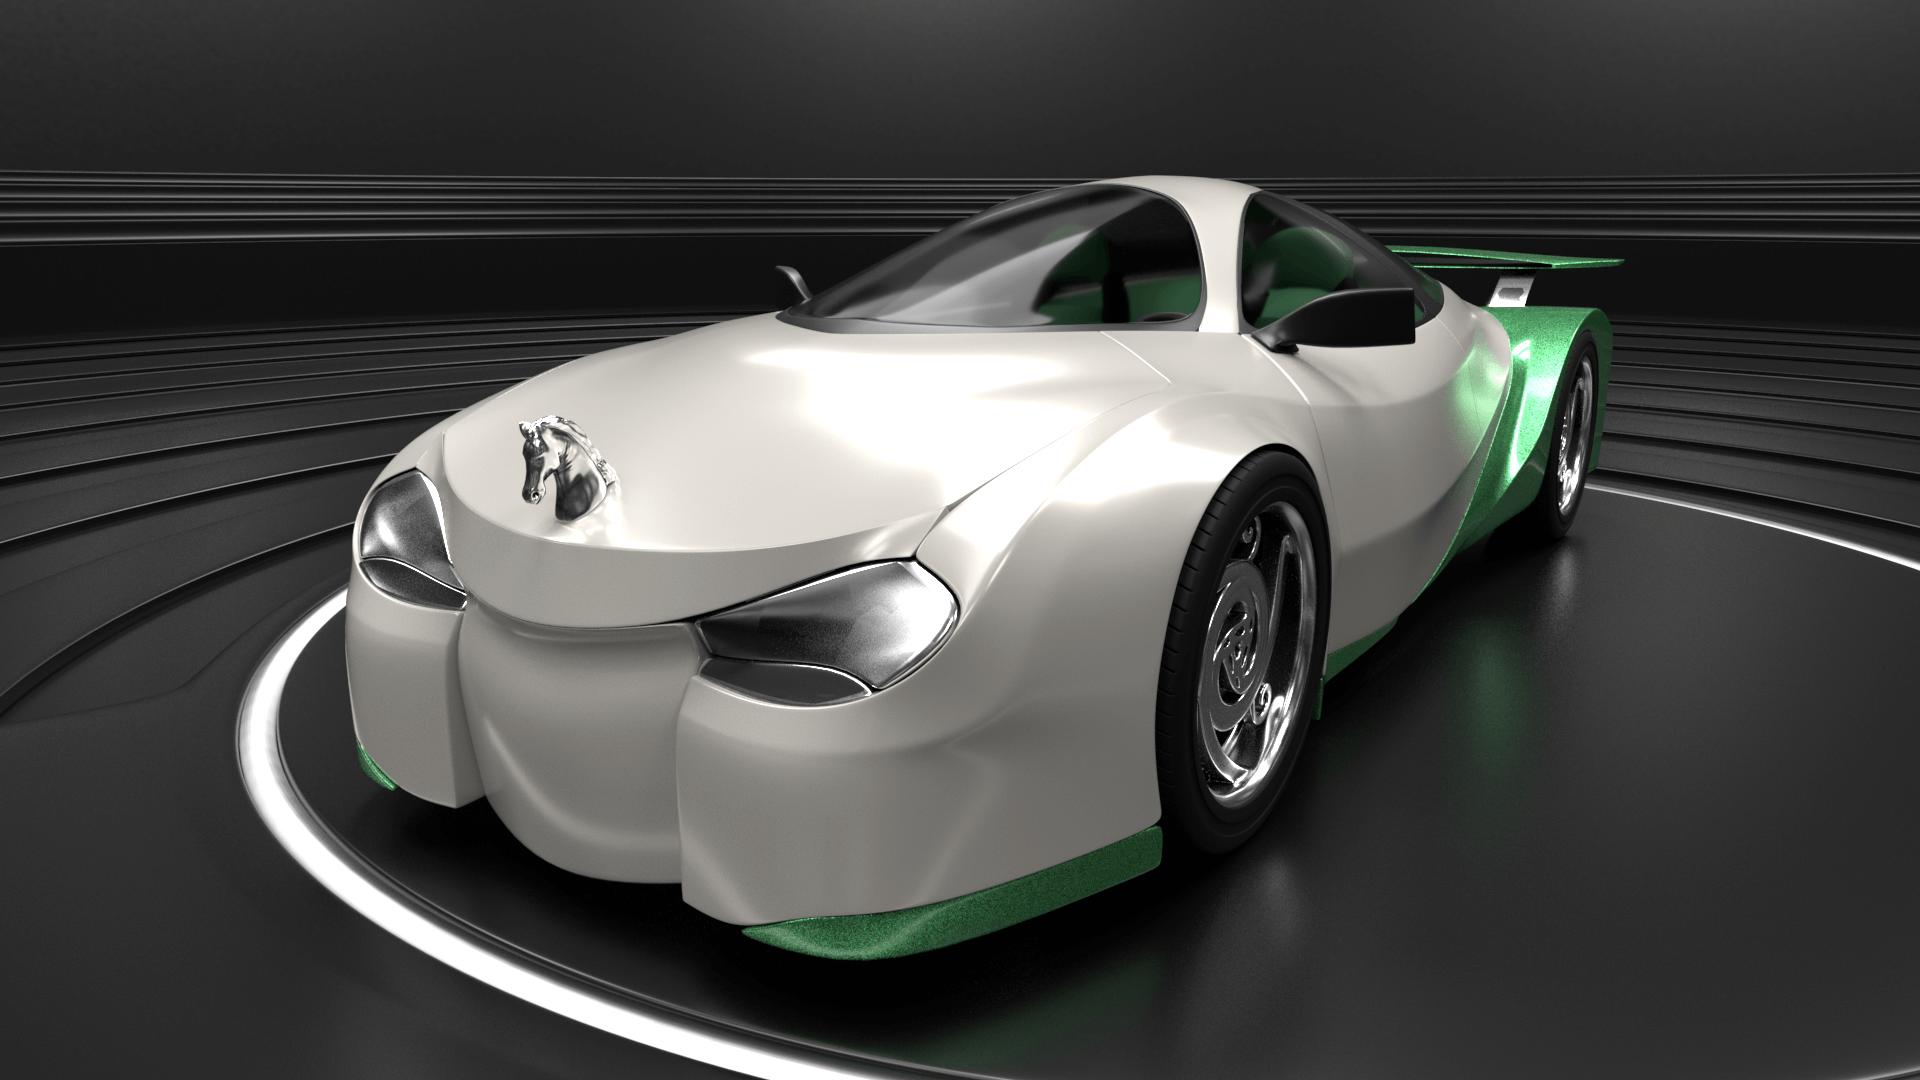 Shrek's Onion Carriage as a supercar 1